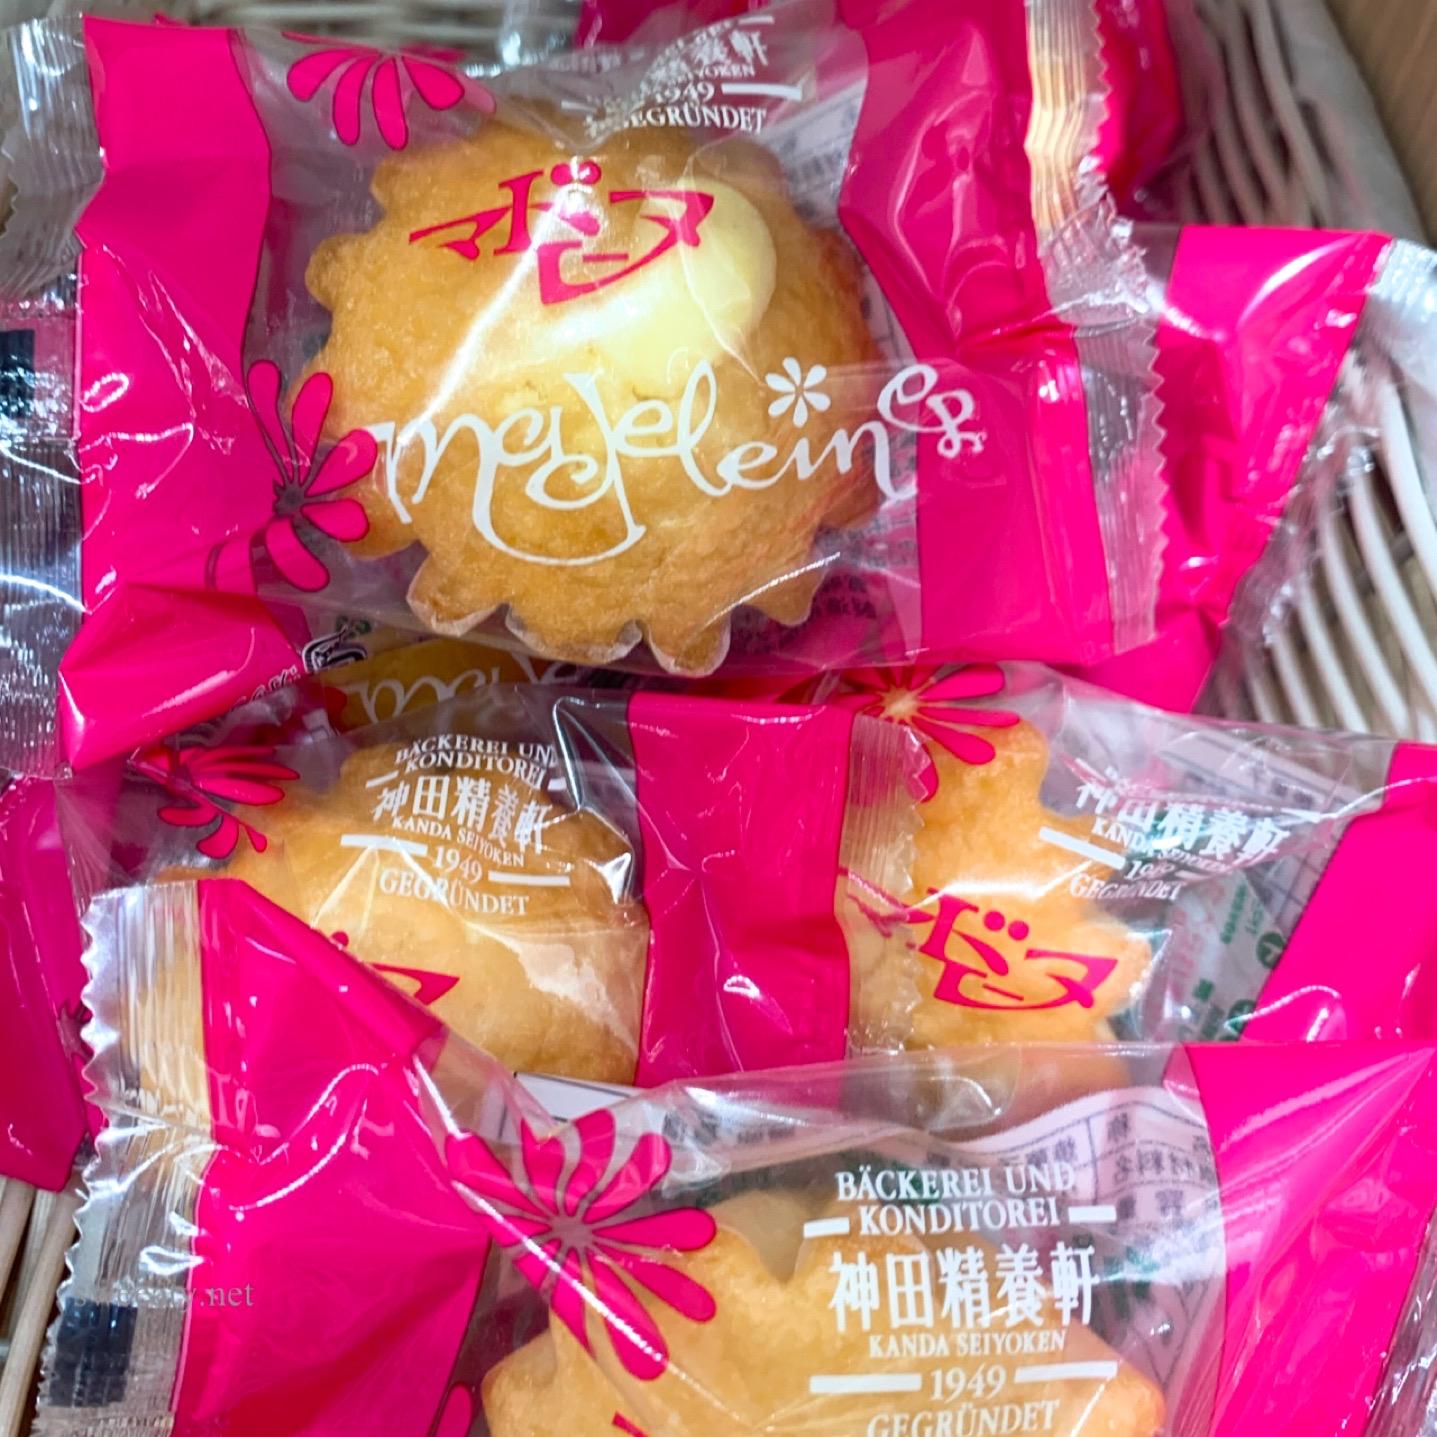 神田精養軒のマドレーヌが復活!池袋東武で懐かしの味が買える!